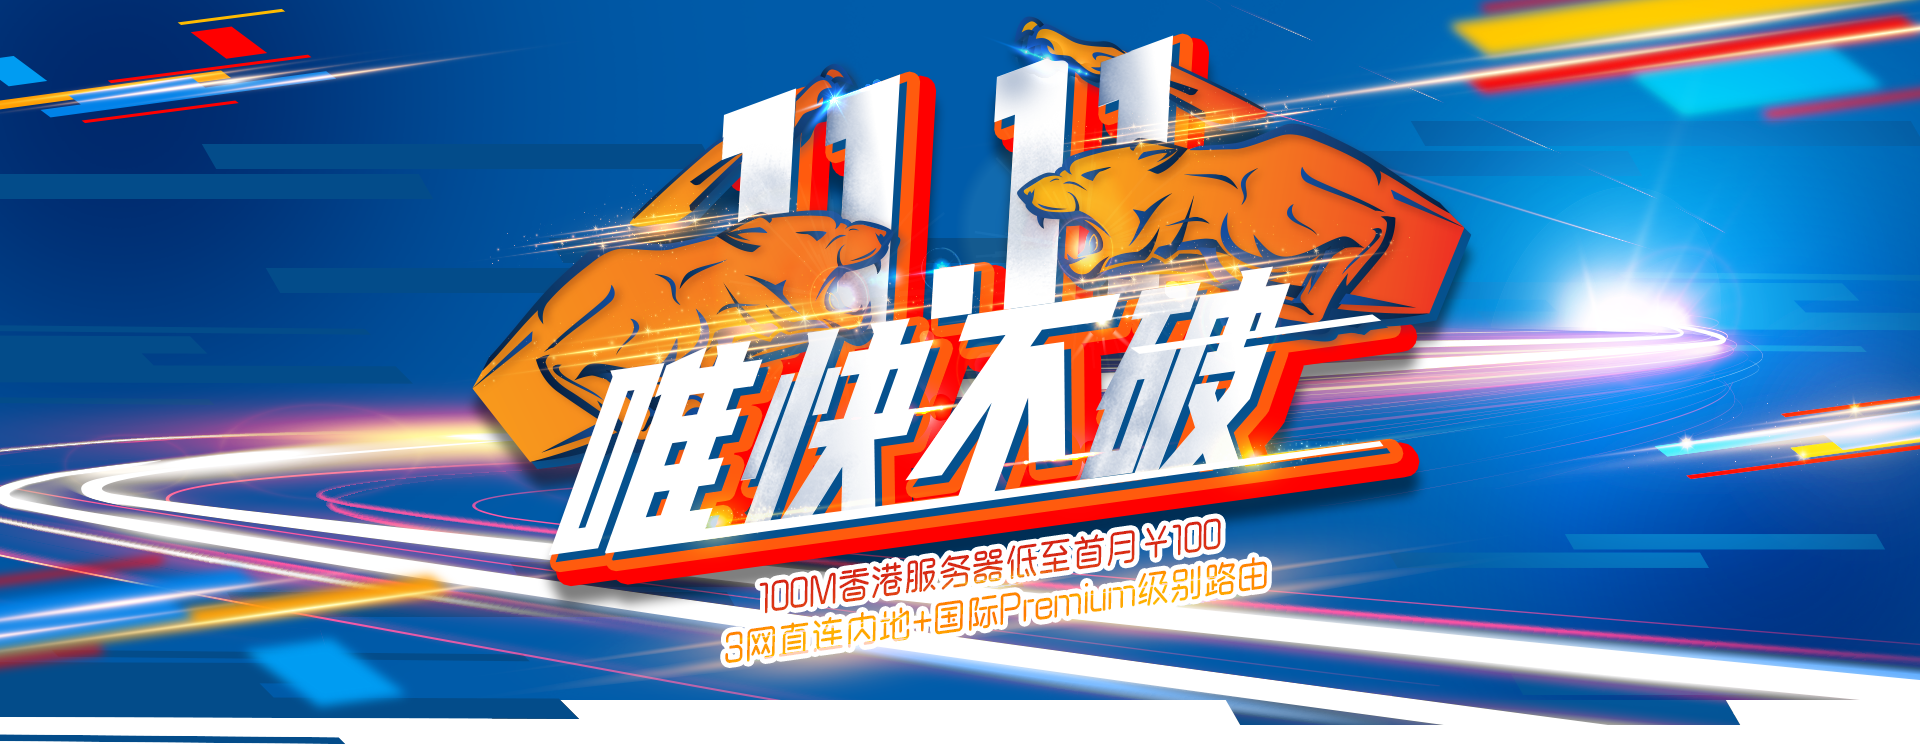 11.11 唯快不破 100M香港服务器低至首月¥100 3网直连内地+国际Premium级别路由